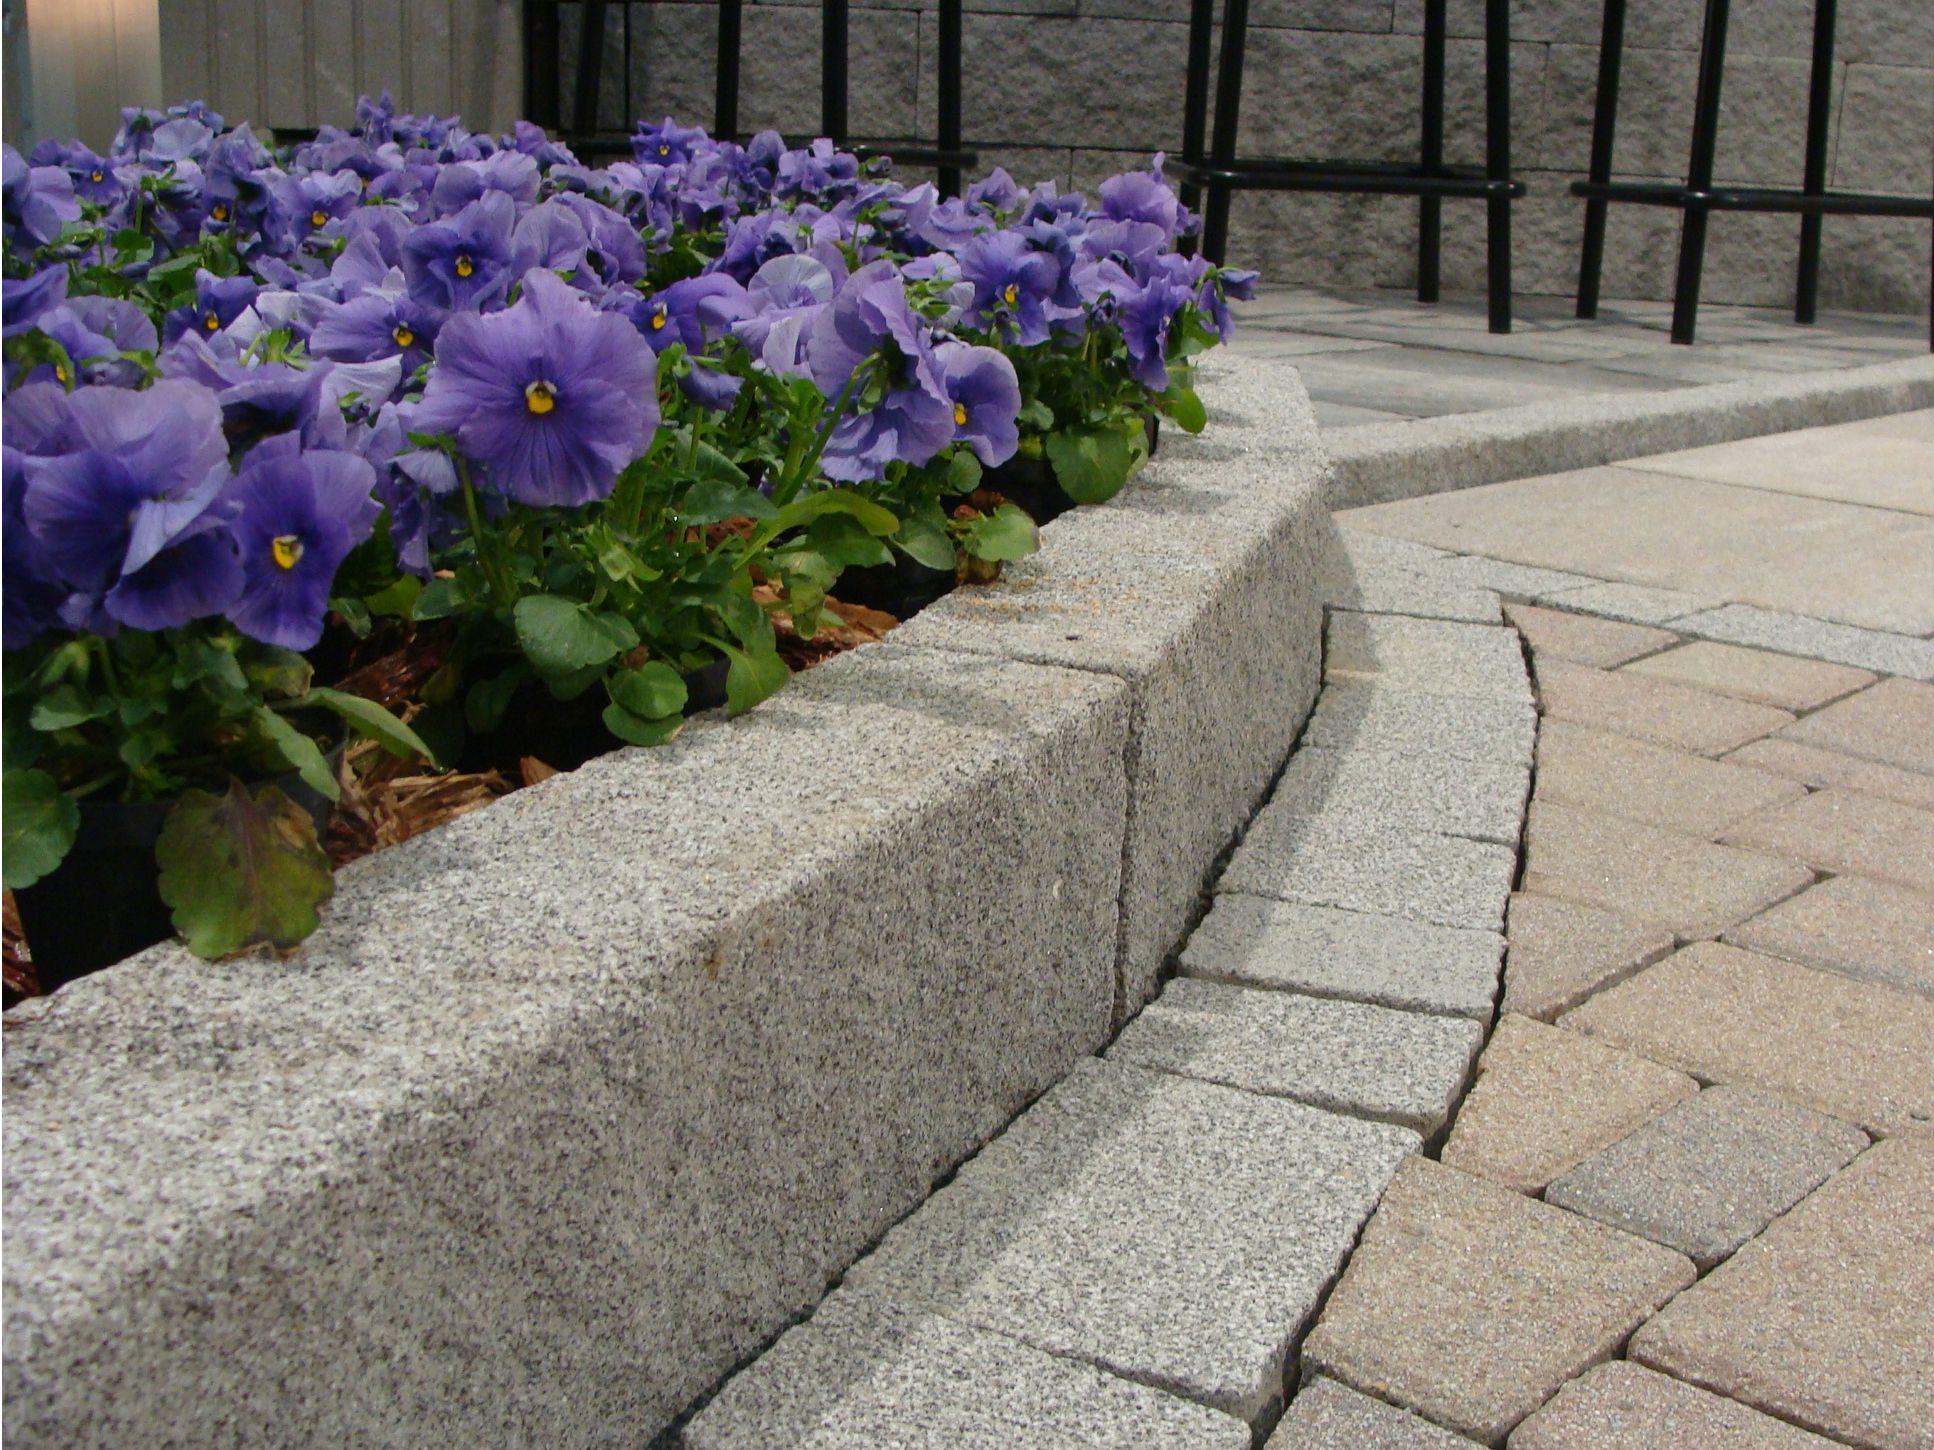 Bordura per aiuole in calcestruzzo pietra by m v b for Bordure aiuole offerte